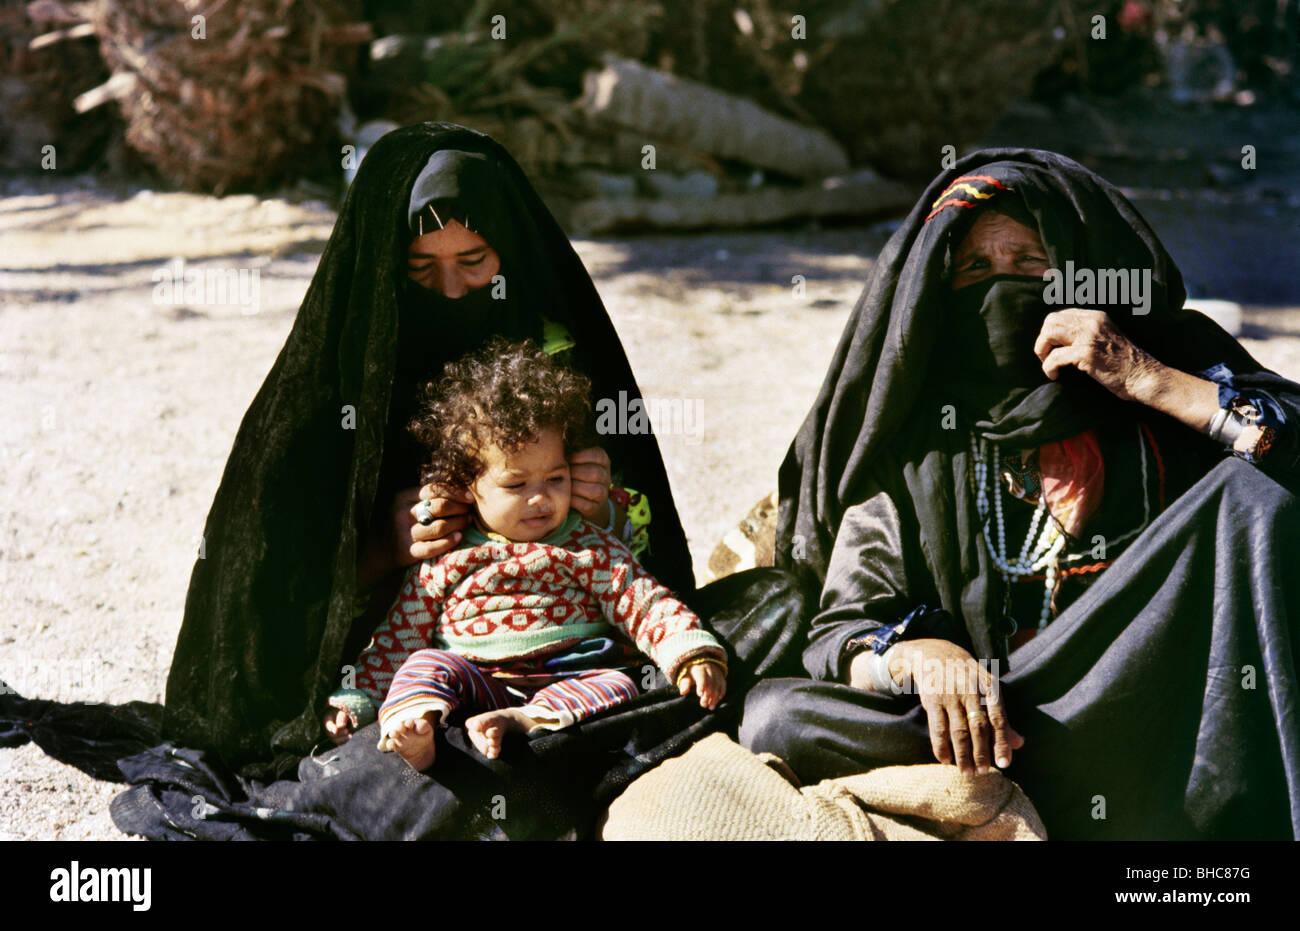 Sinai Egypt Nuweiba Bedouin Women Child On Beach - Stock Image